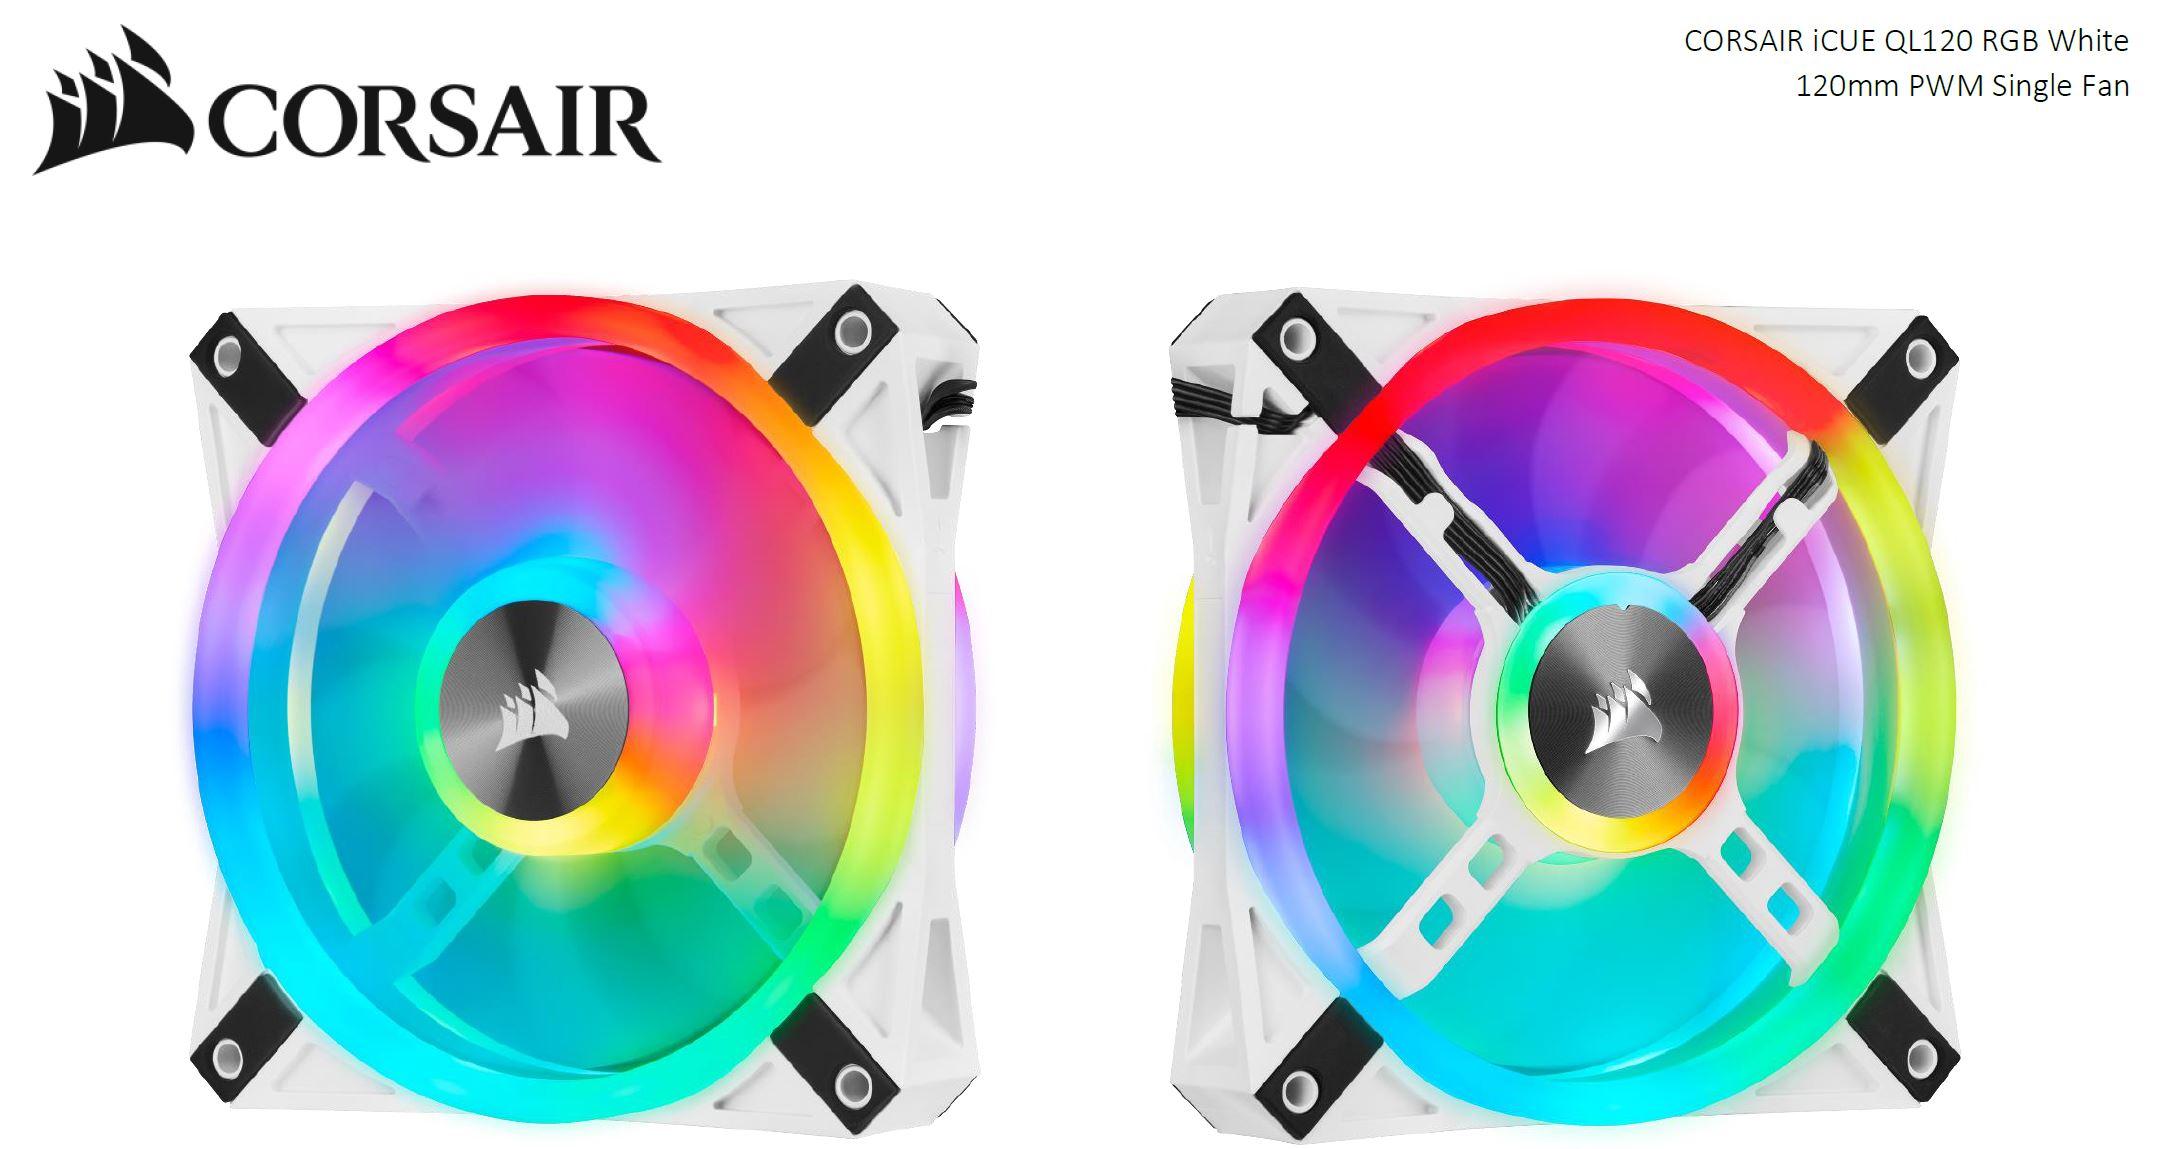 Corsair QL120 RGB White, ICUE, 120mm RGB LED PWM Fan 26dBA, 41.8 CFM, Single Pack